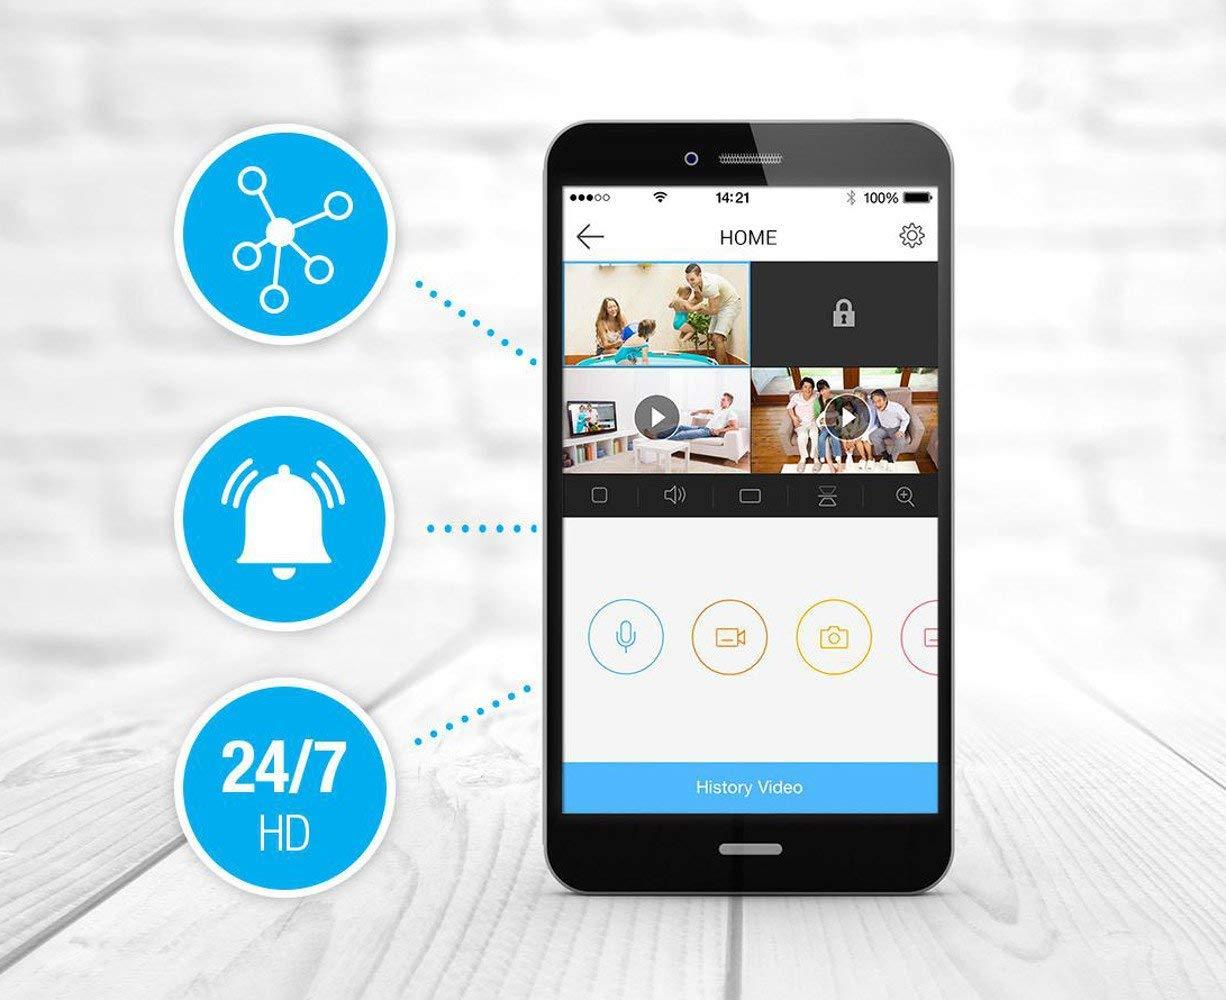 Thiết bị quan sát/ Camera EZVIZ CS-CV246 dễ dàng kết nối với Smartphone